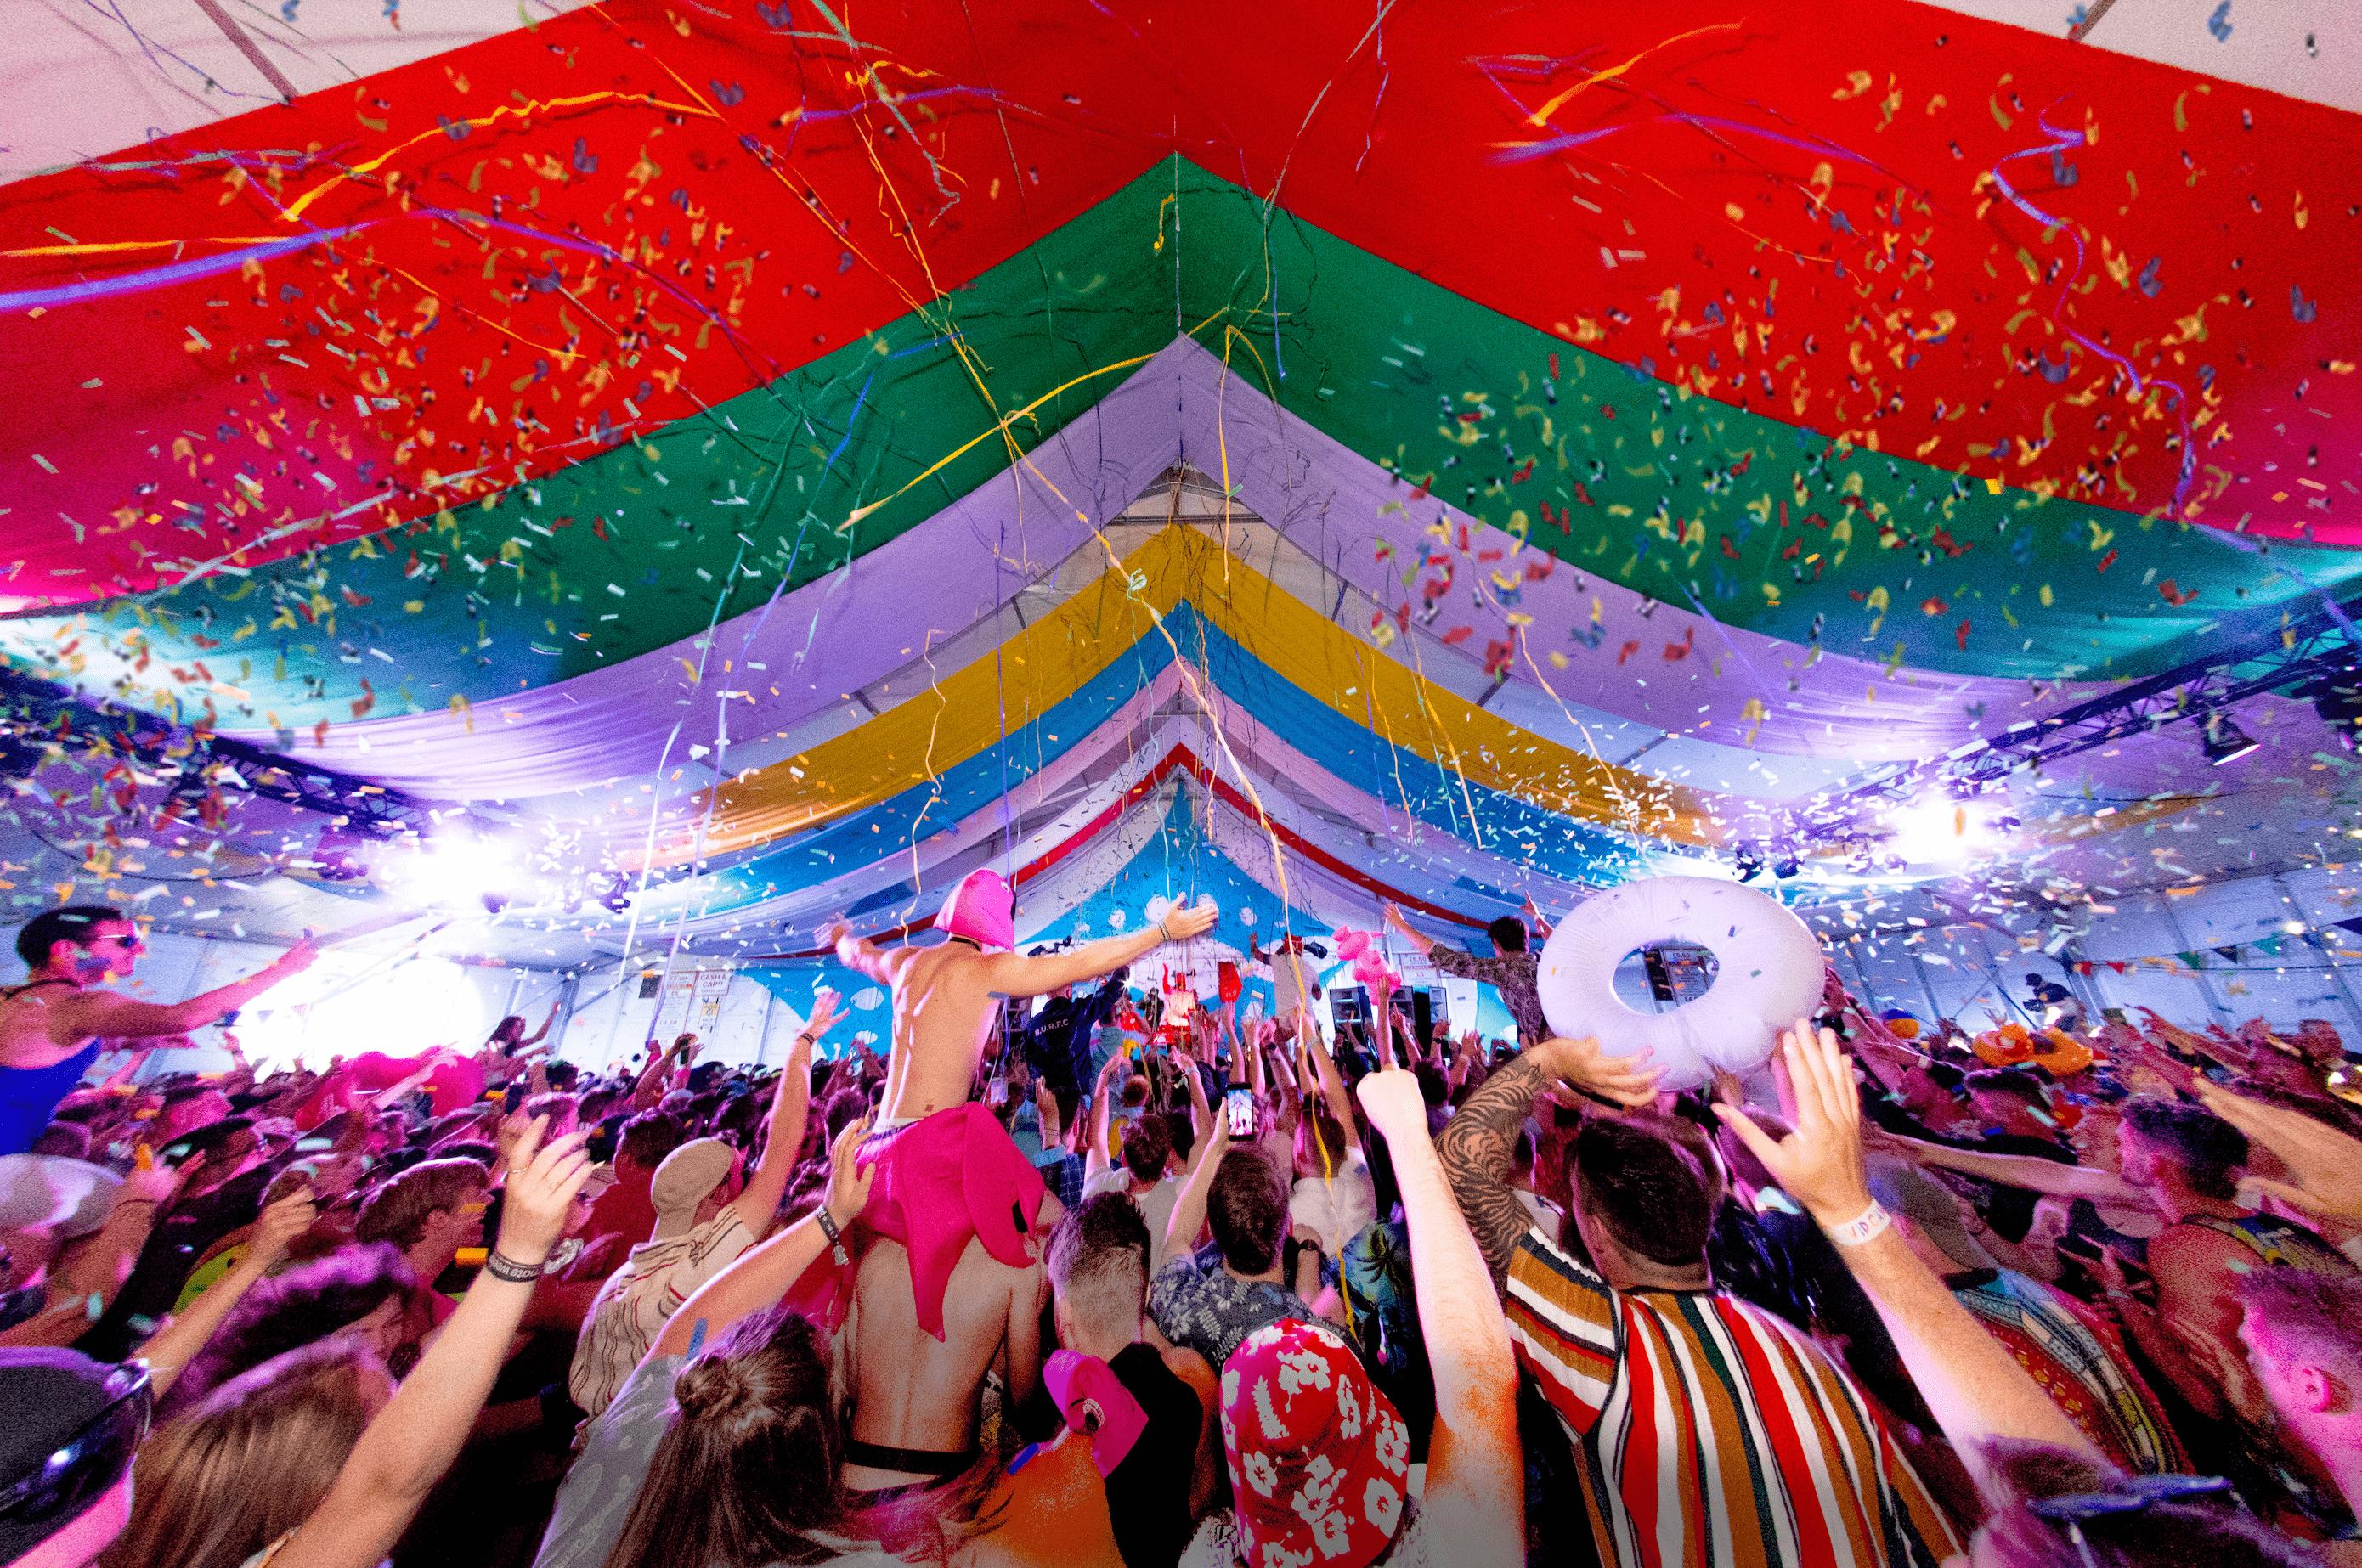 festival organisers